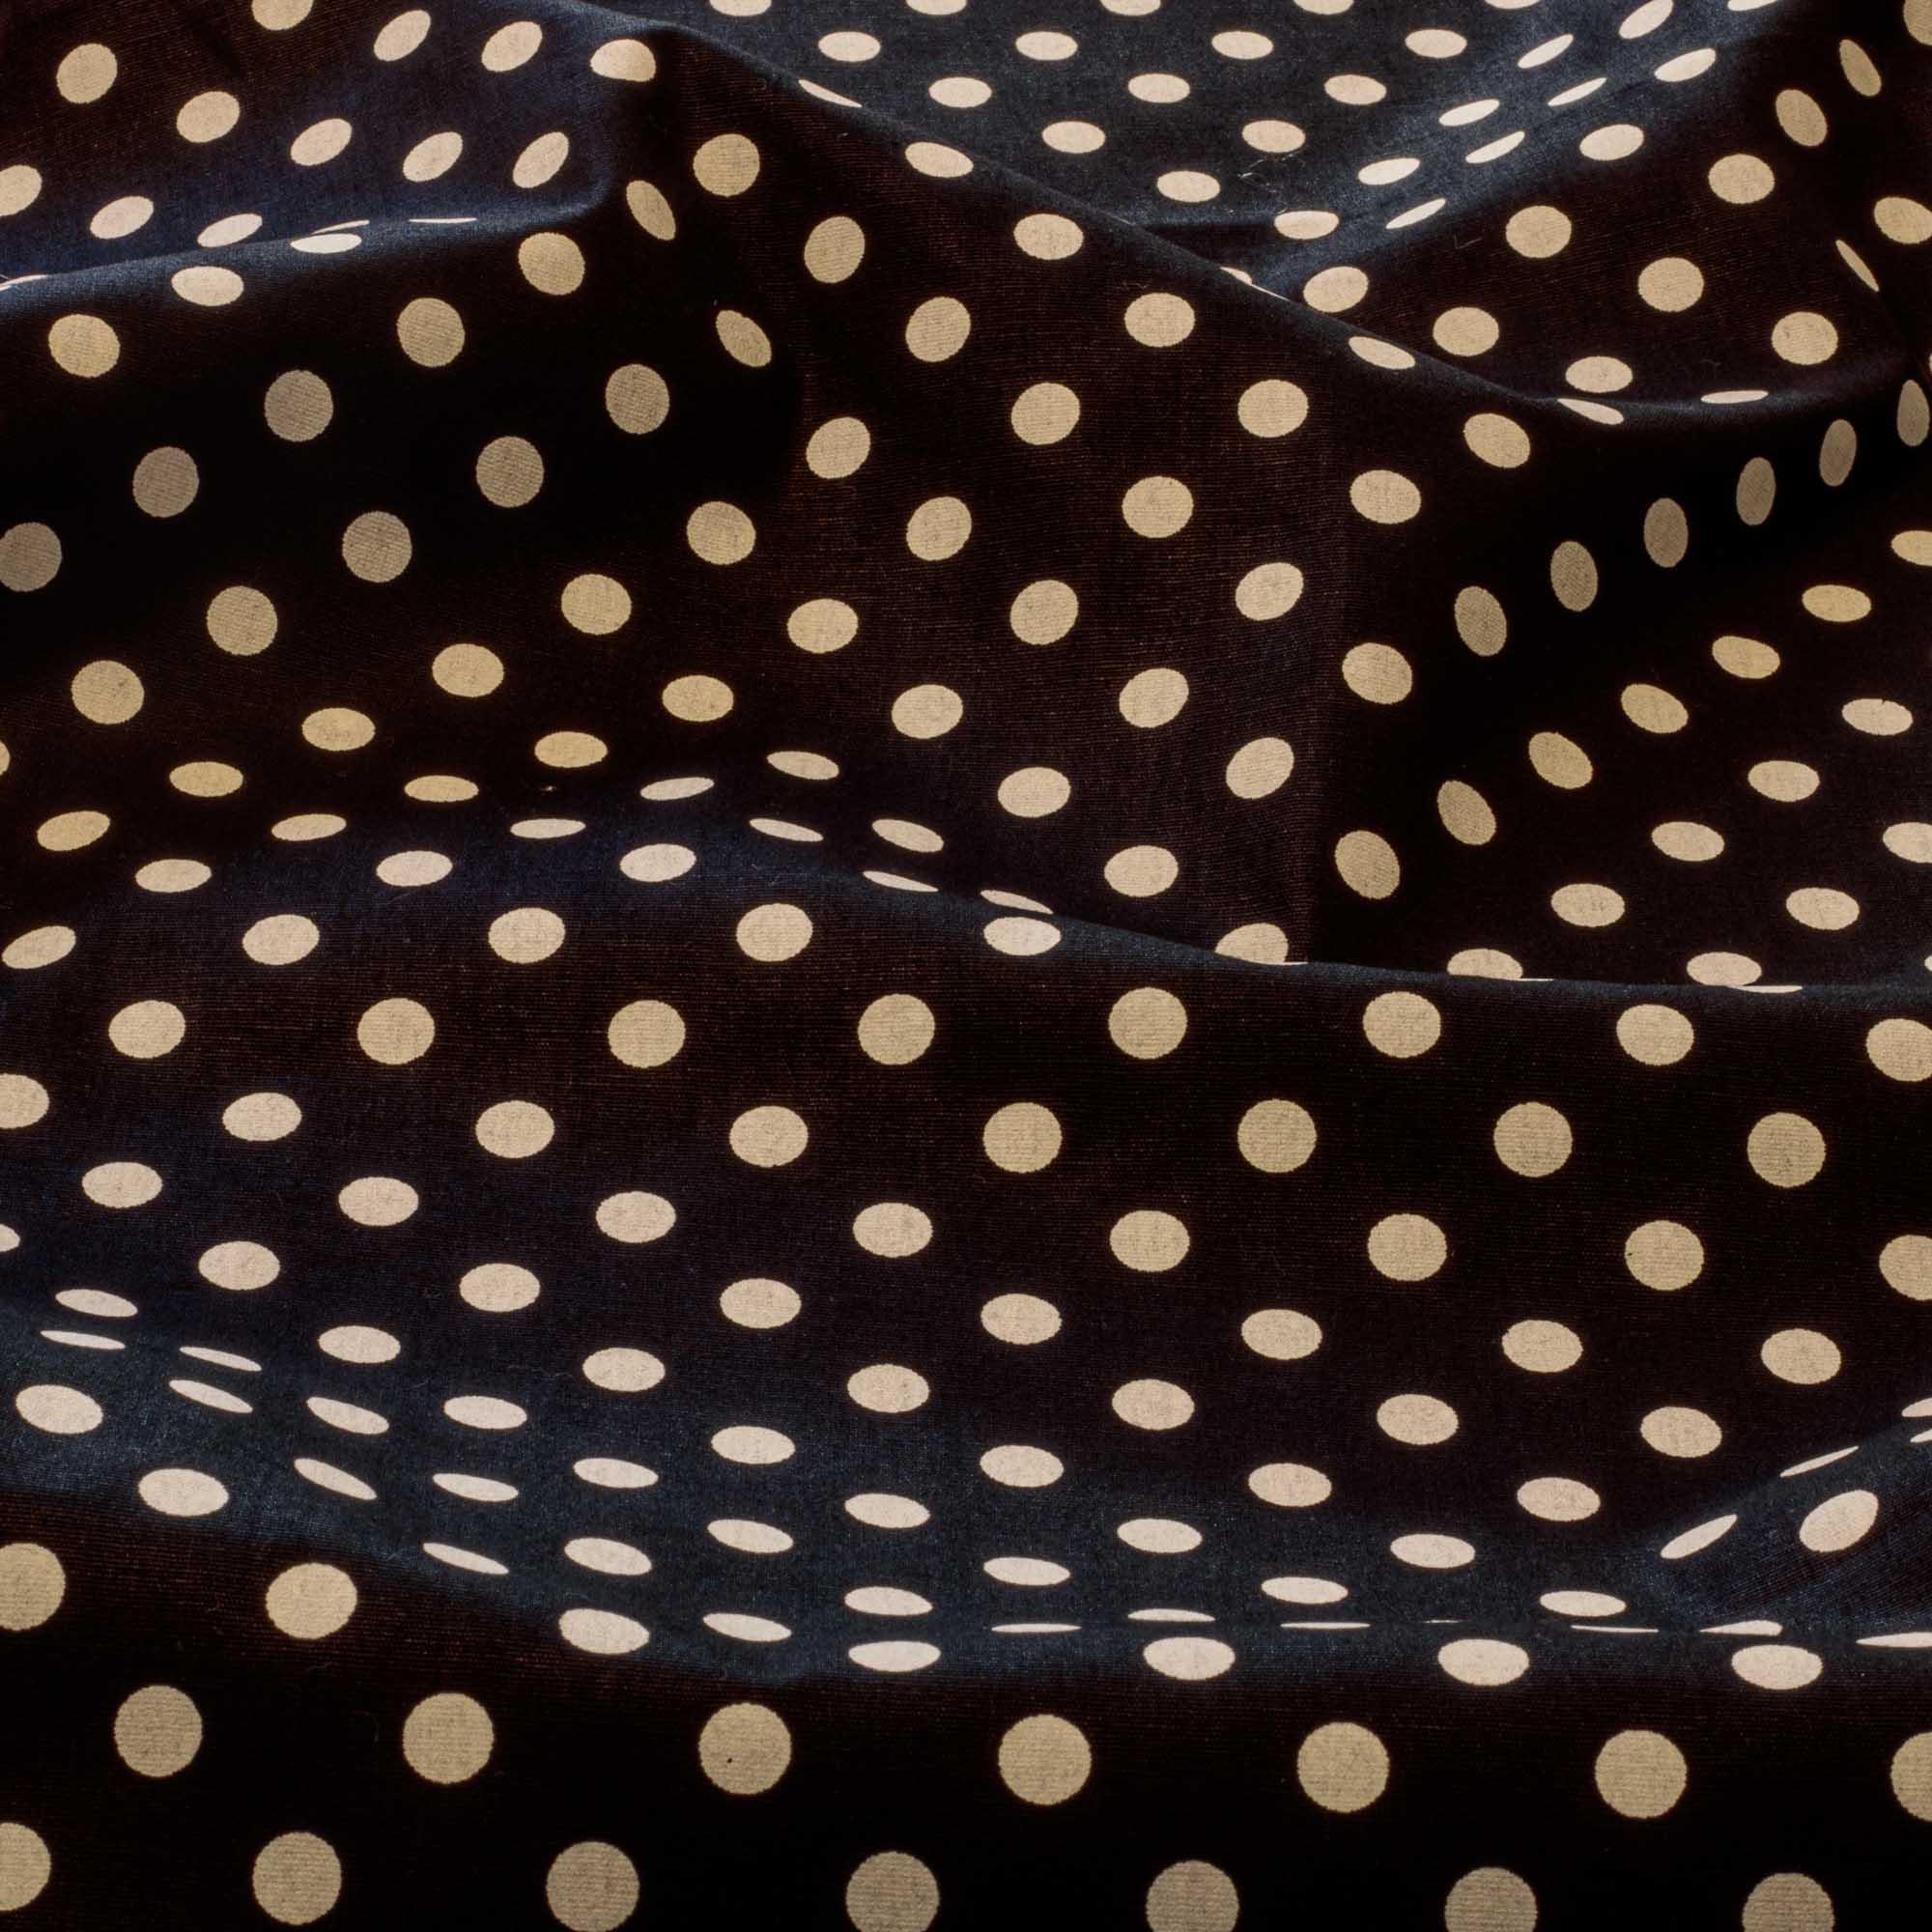 Tecido estampado poa bolinha tricoline 100% algodão preto